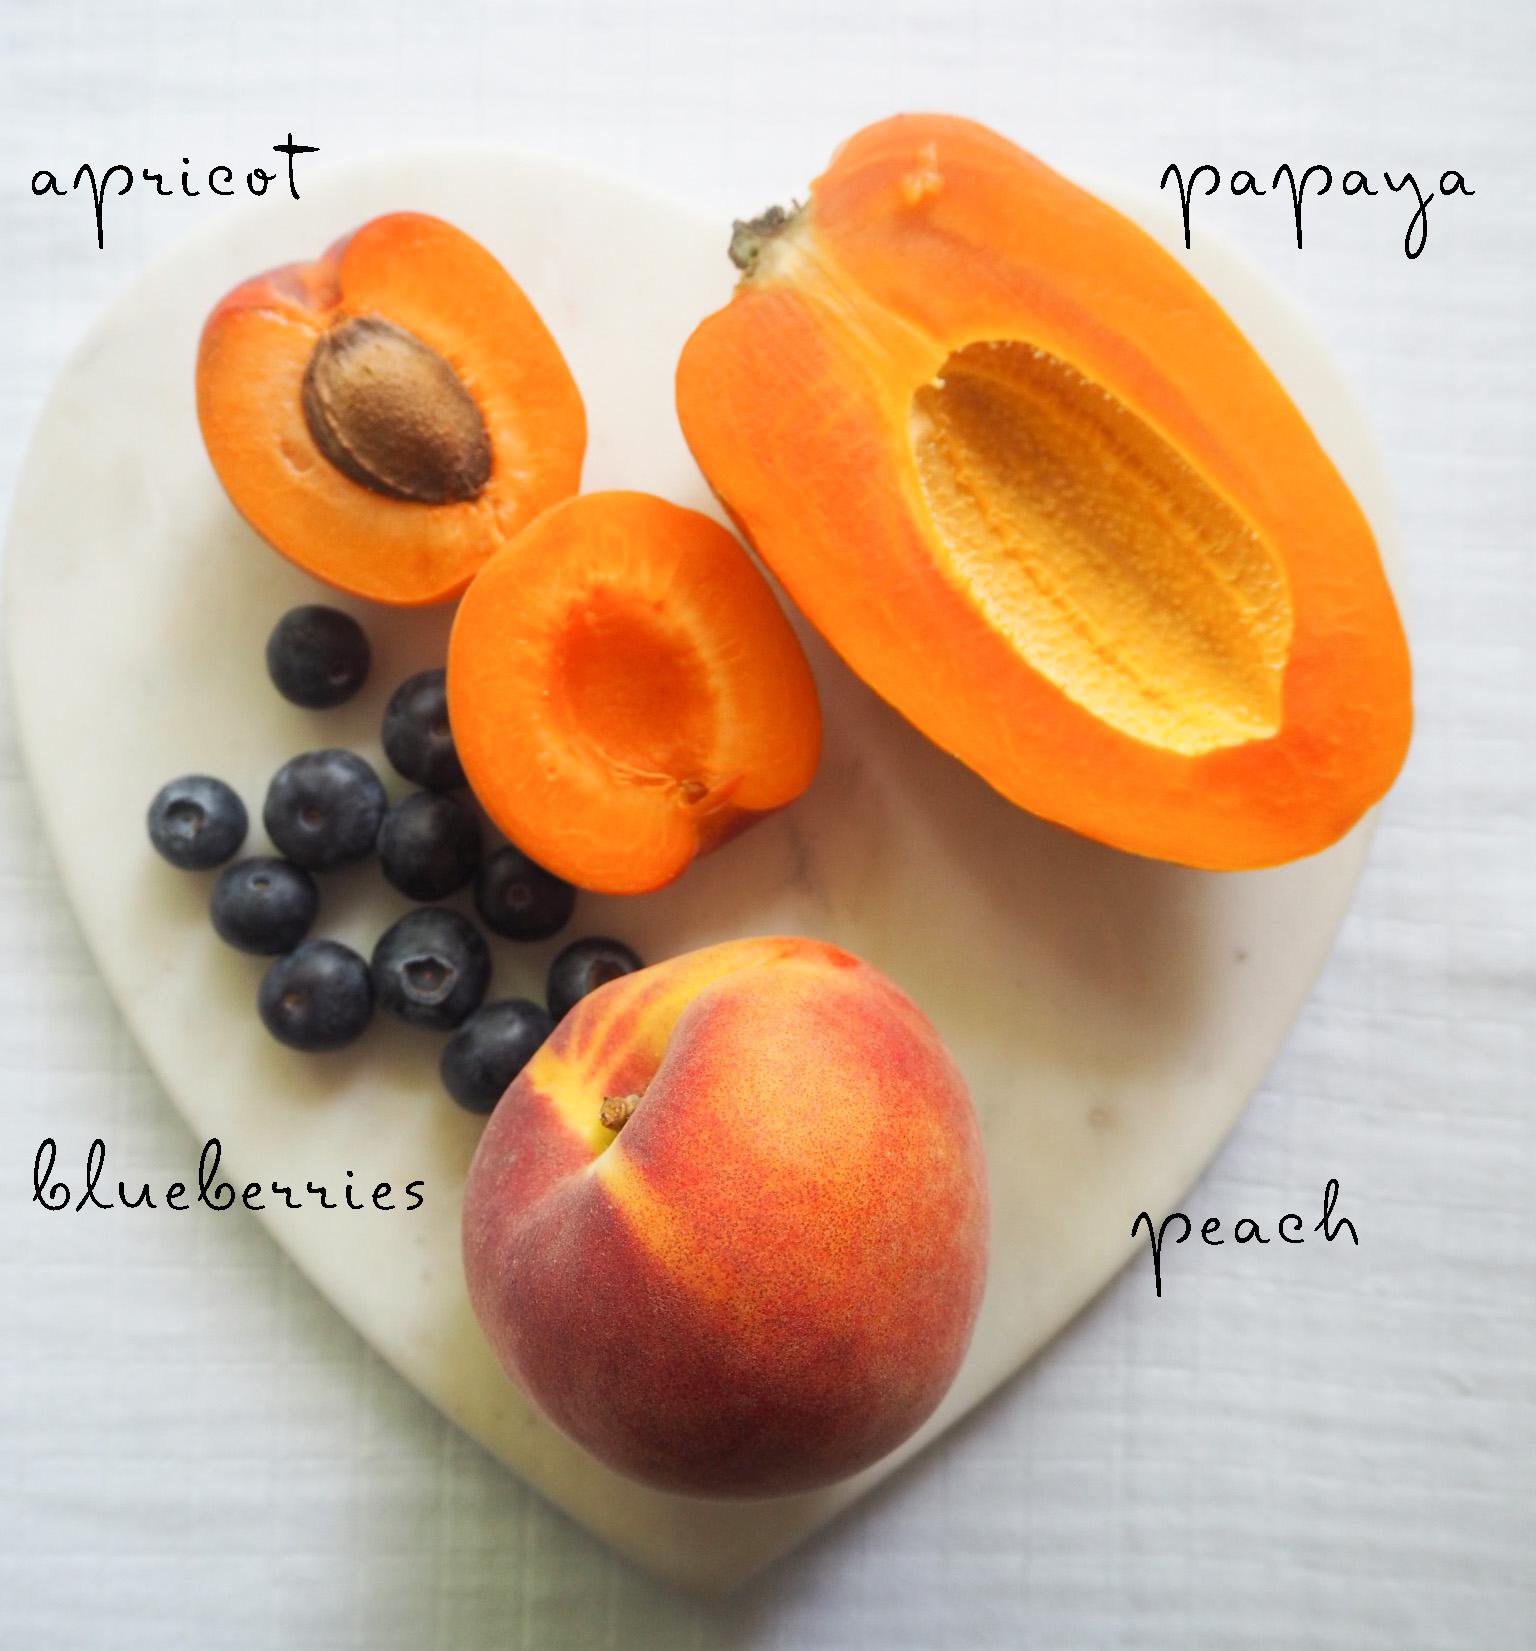 summerfruitssqandtext.jpg